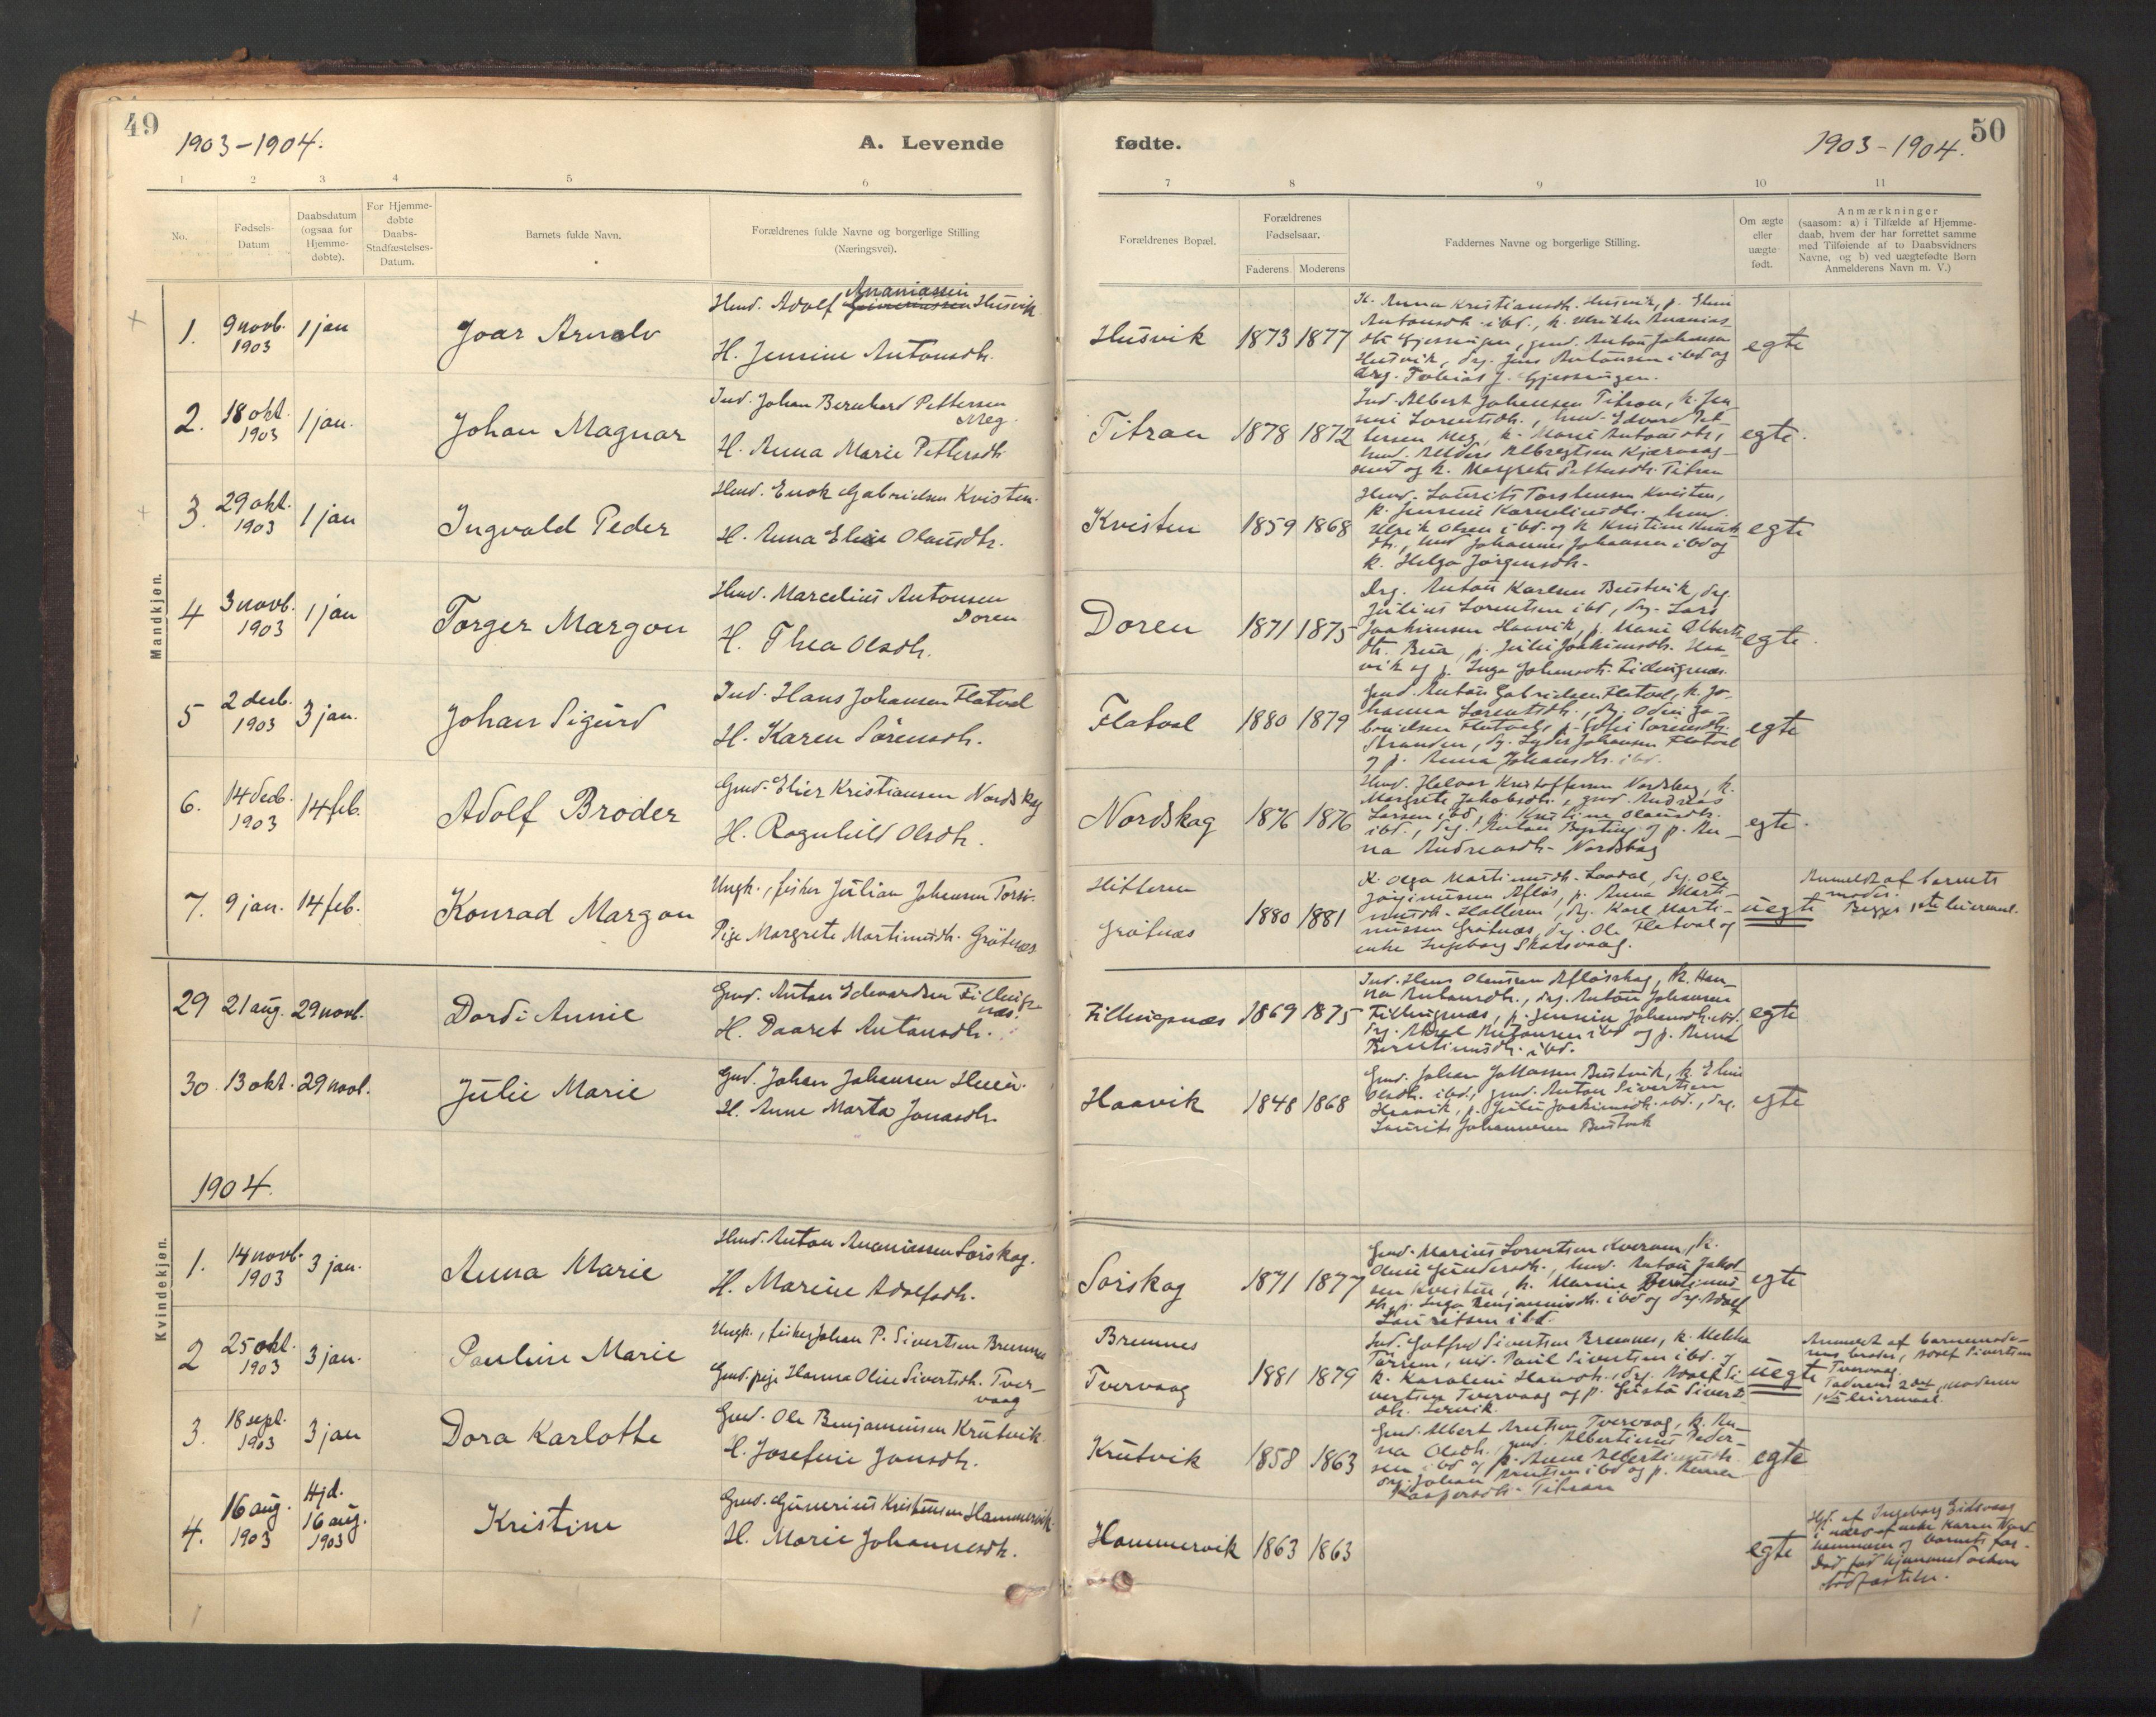 SAT, Ministerialprotokoller, klokkerbøker og fødselsregistre - Sør-Trøndelag, 641/L0596: Ministerialbok nr. 641A02, 1898-1915, s. 49-50